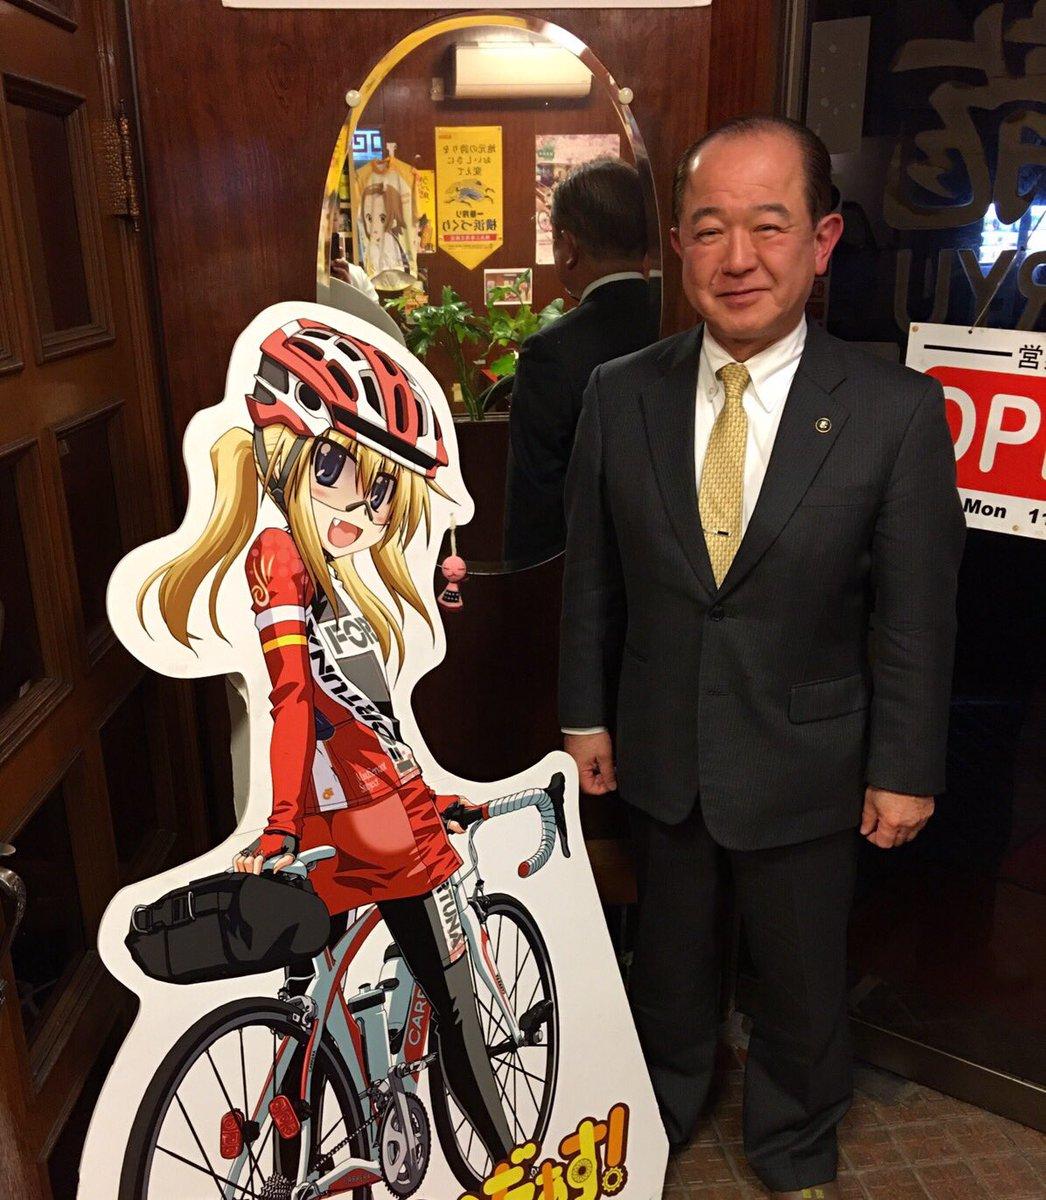 本日は定休日ですが、ご宴会がありまして、座間市市長遠藤三紀夫氏がご来店。雛子との撮影に快く承諾してくださりました!ありが